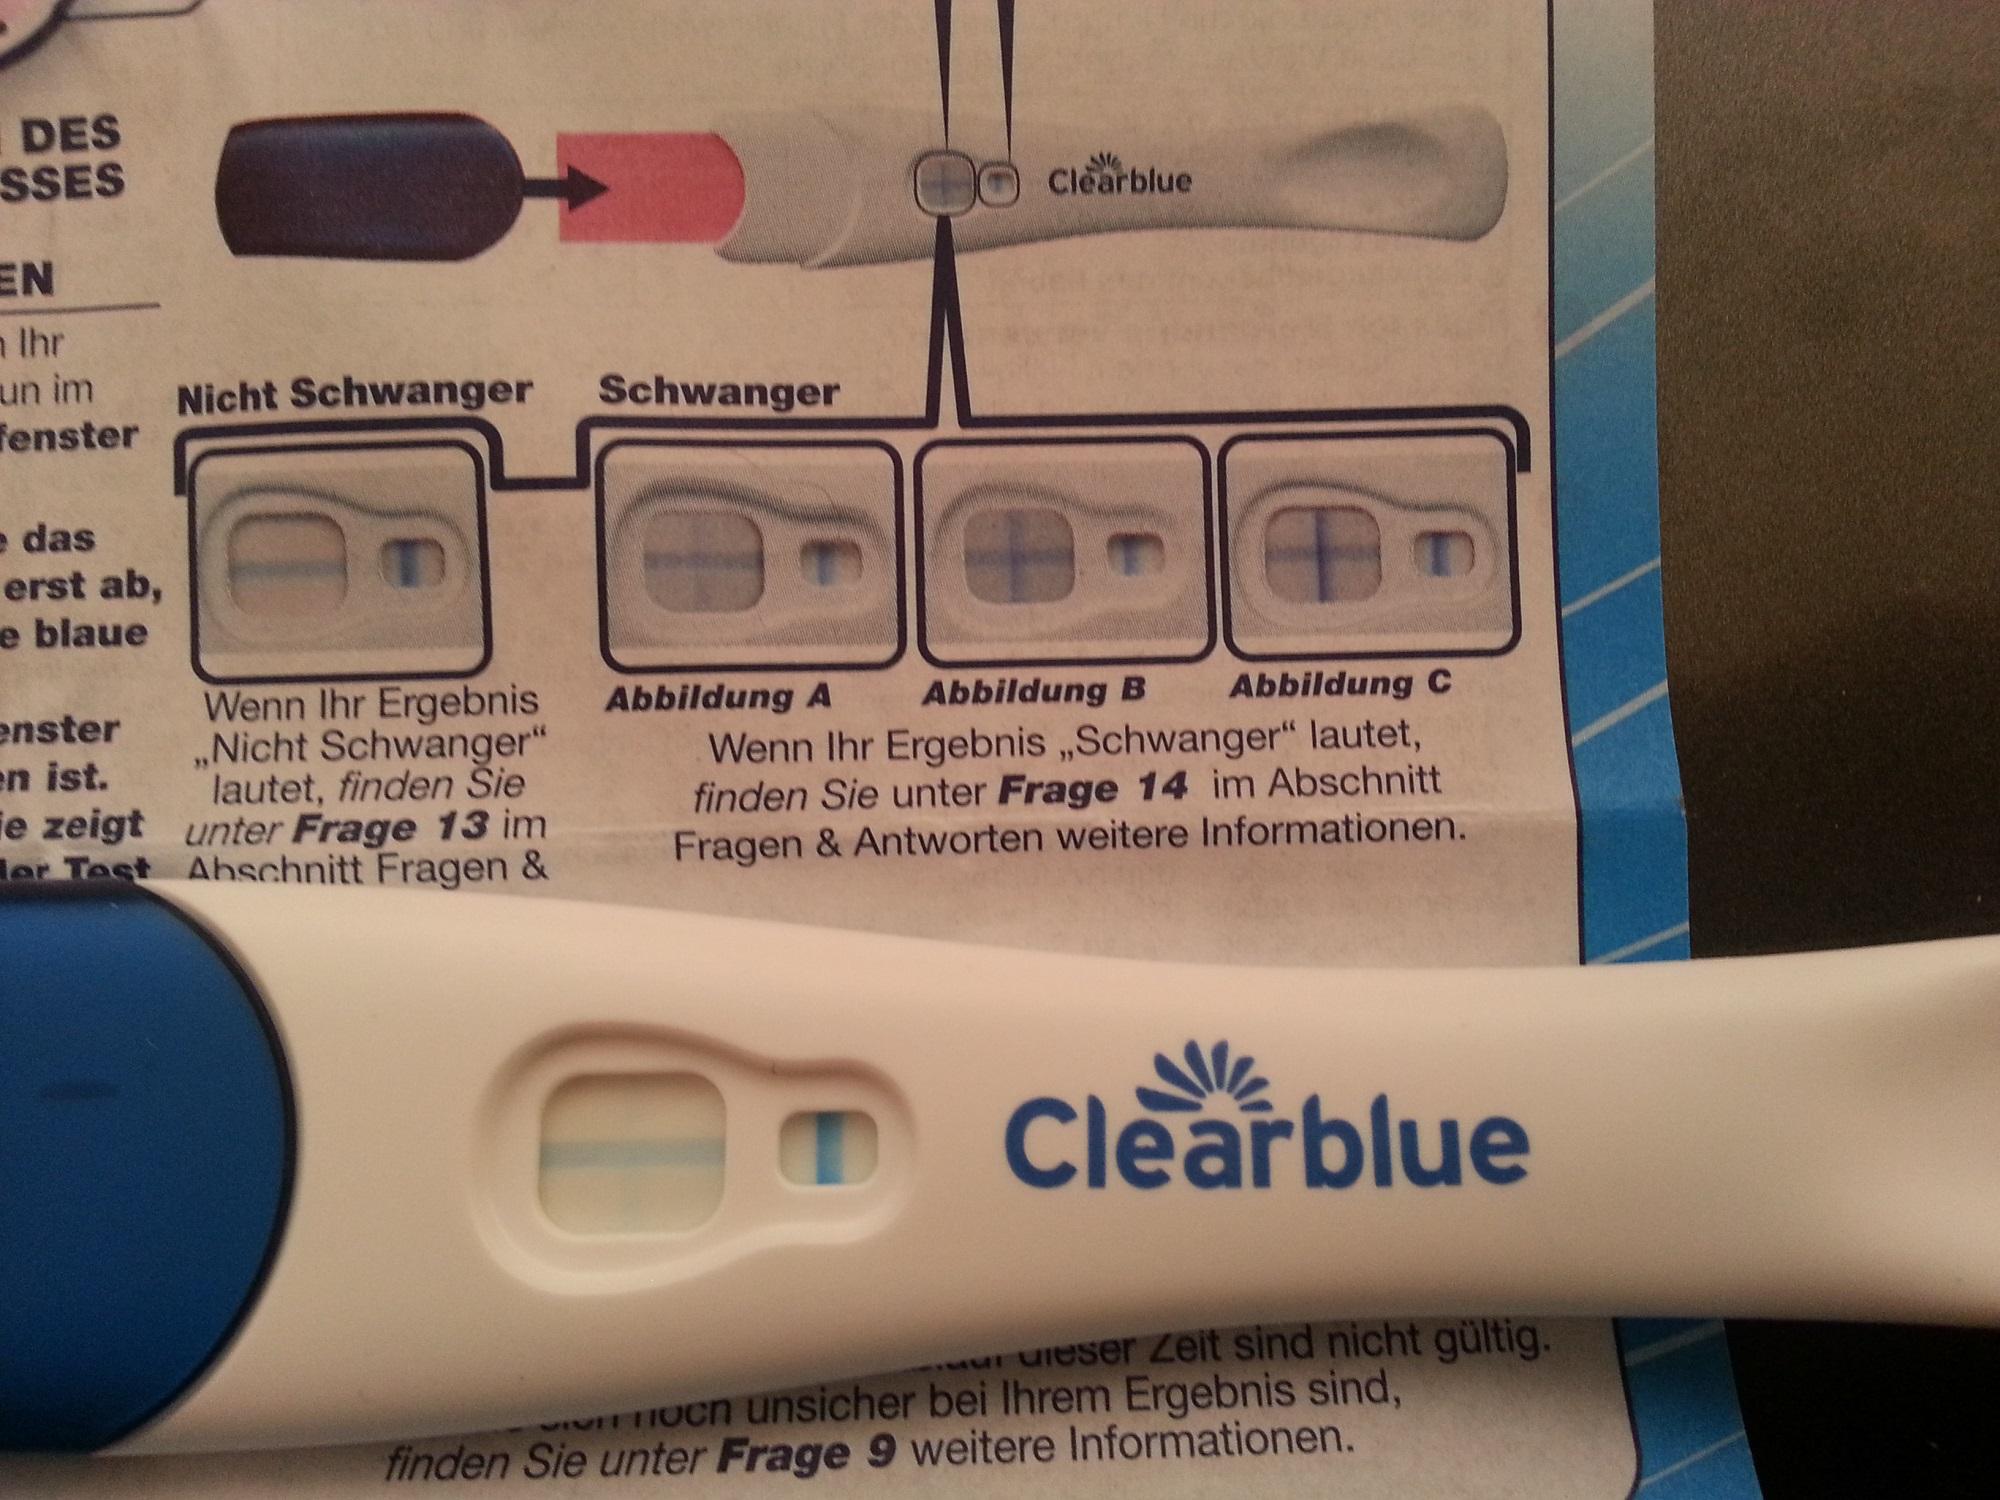 positiv oder negativ sst schwangerschaft schwanger test. Black Bedroom Furniture Sets. Home Design Ideas